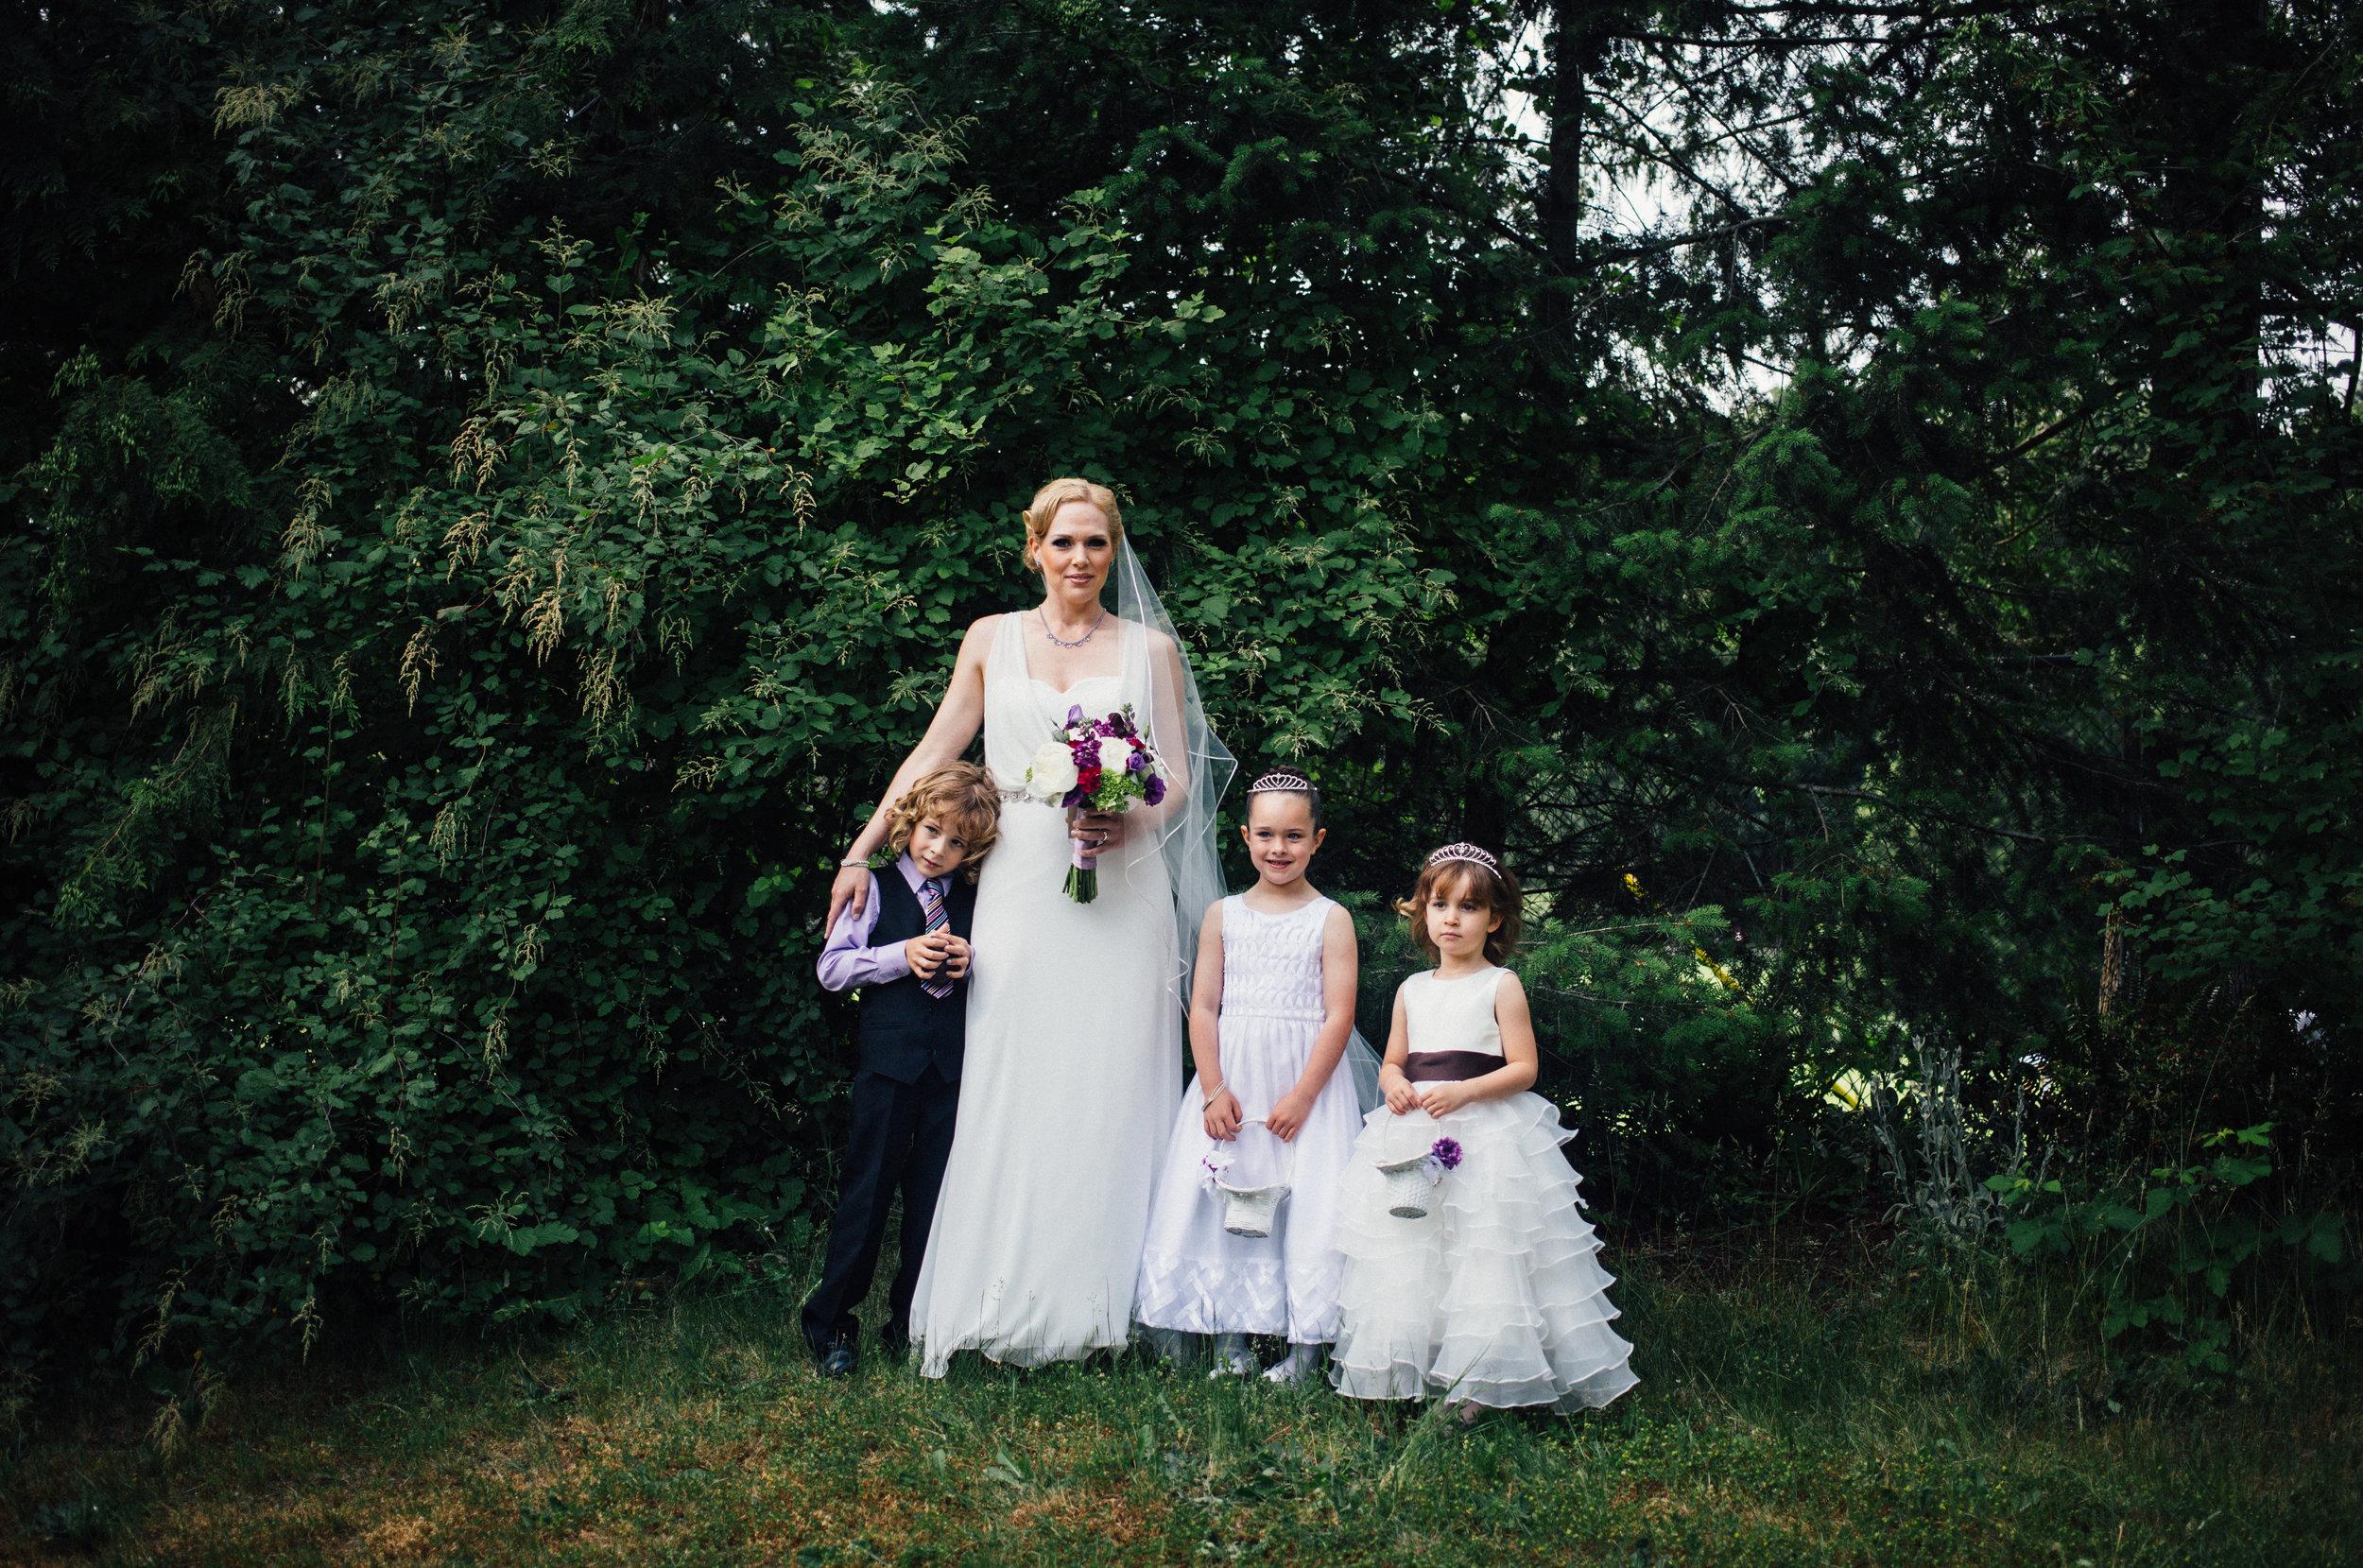 dogwoodphotography_photographer_vancouver_wedding_kimberley (15 of 180).jpg